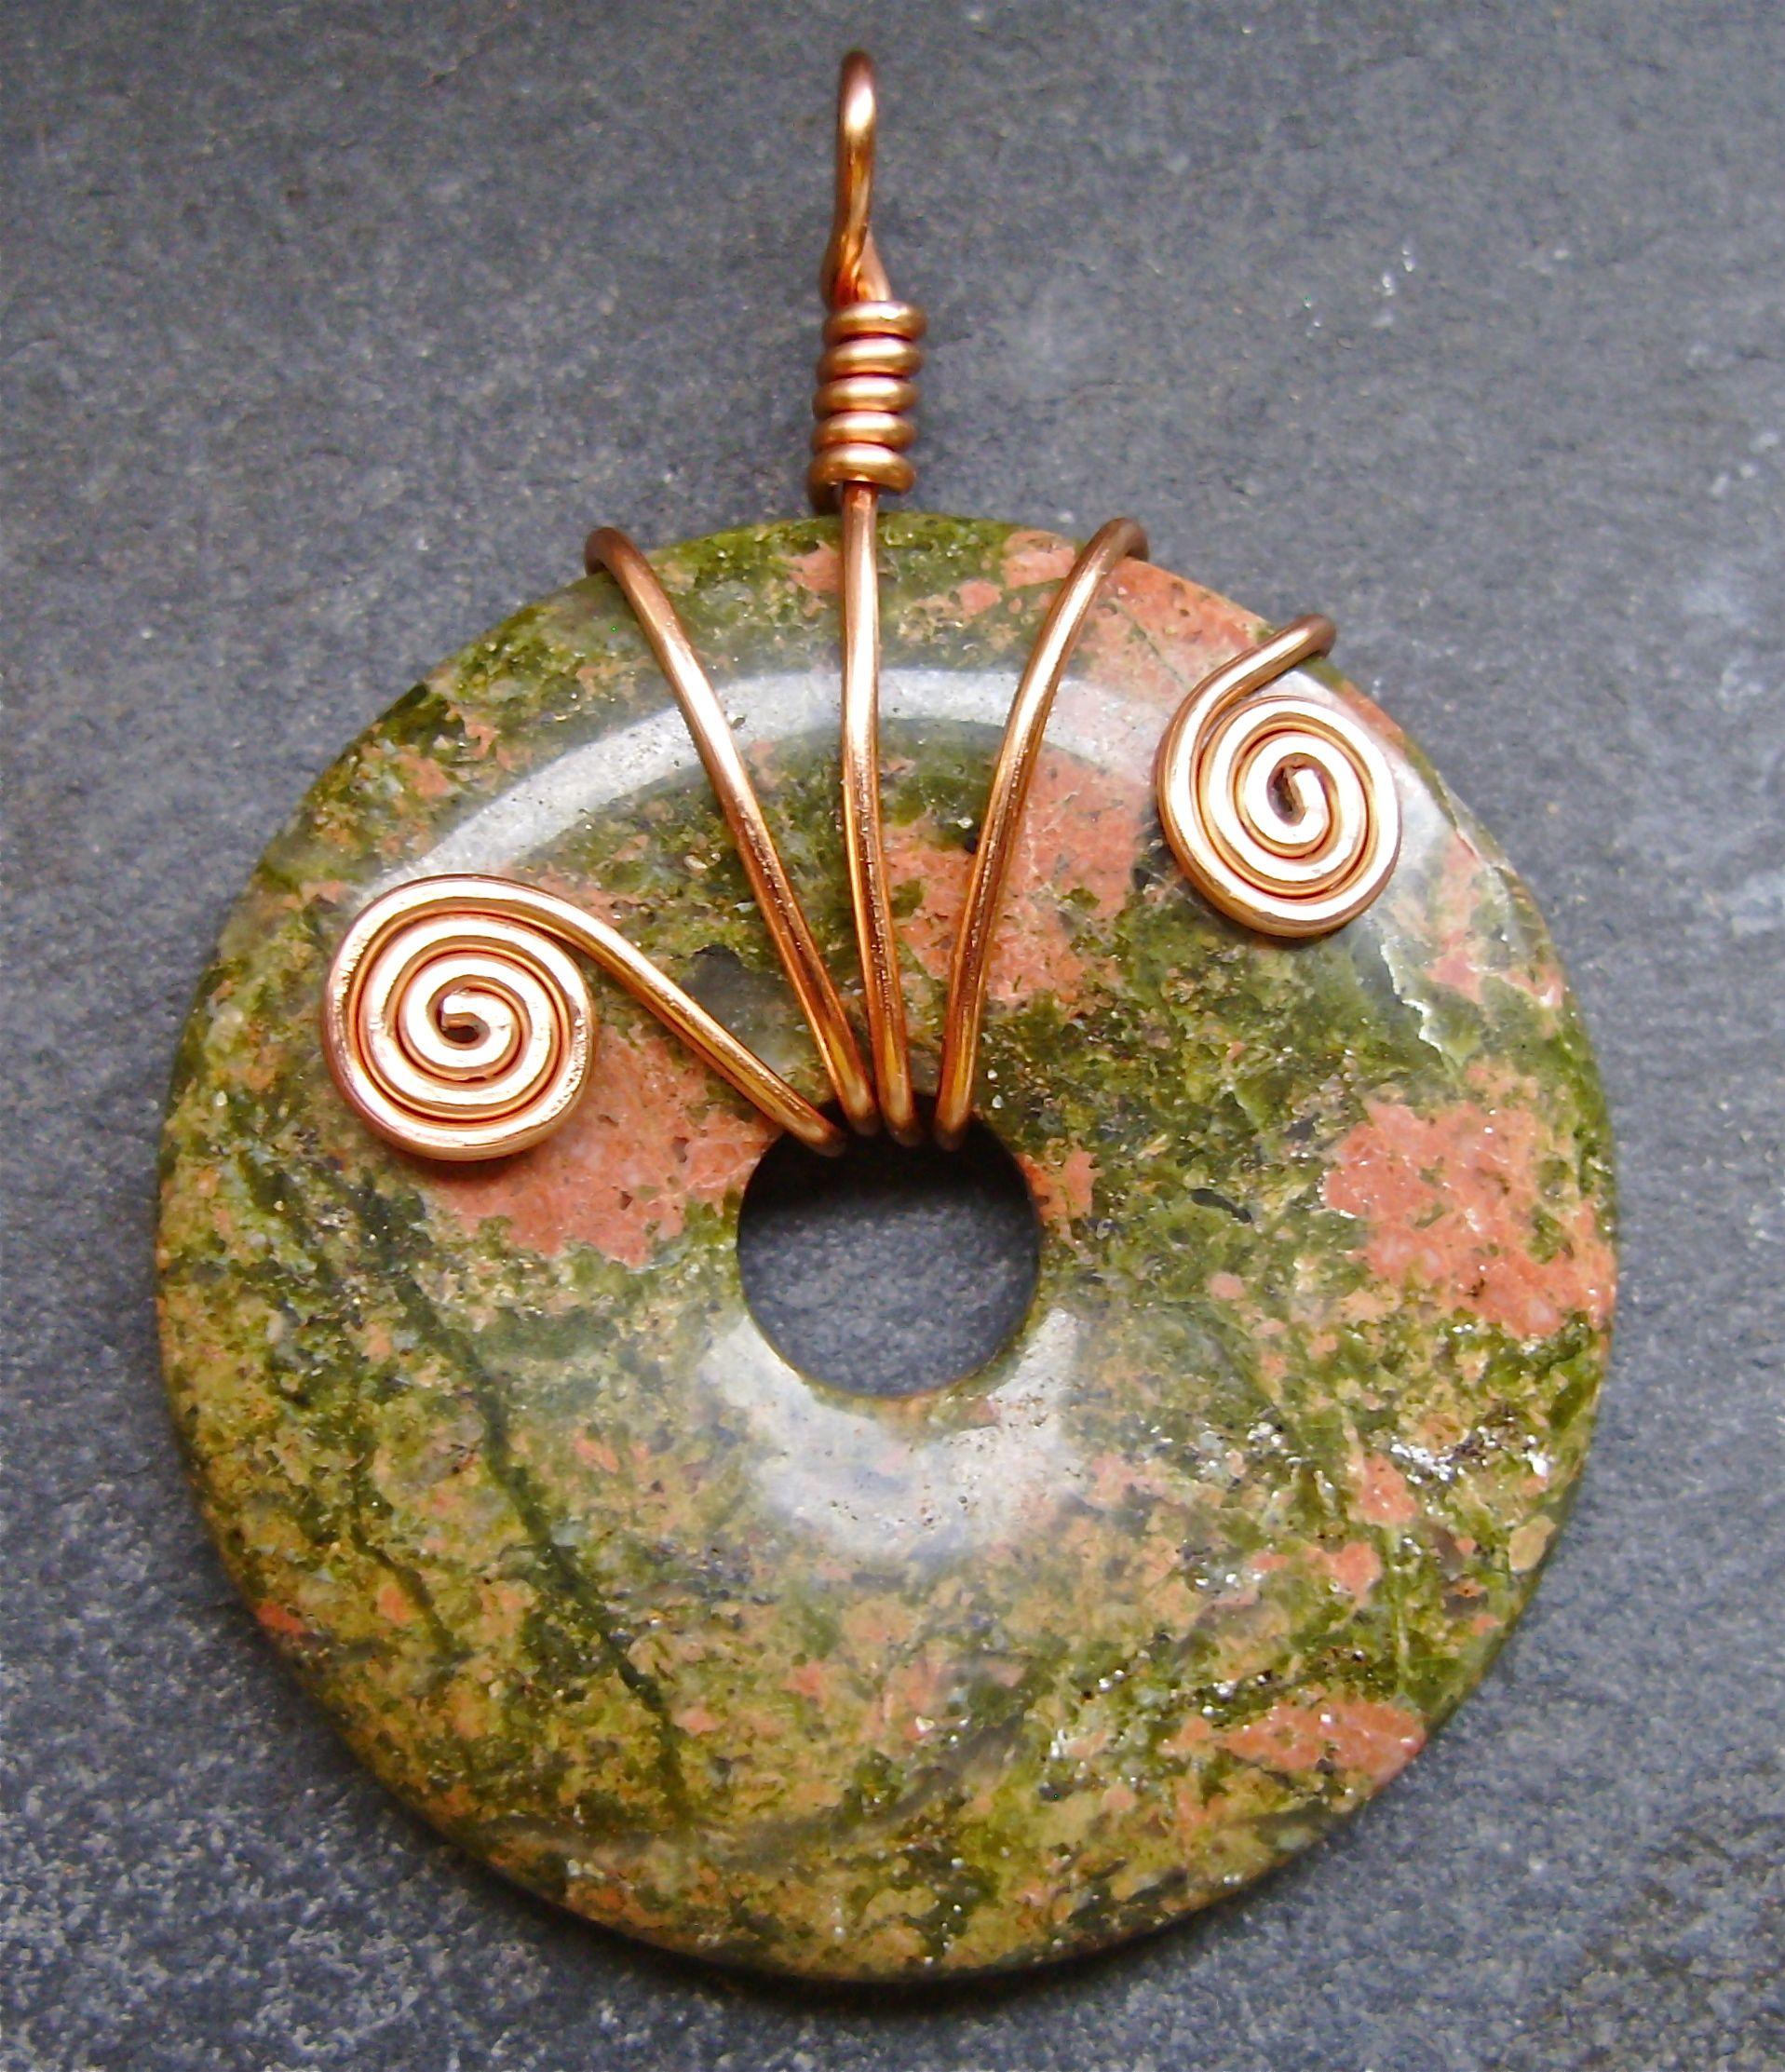 Unachite stone with copper wire wrapping